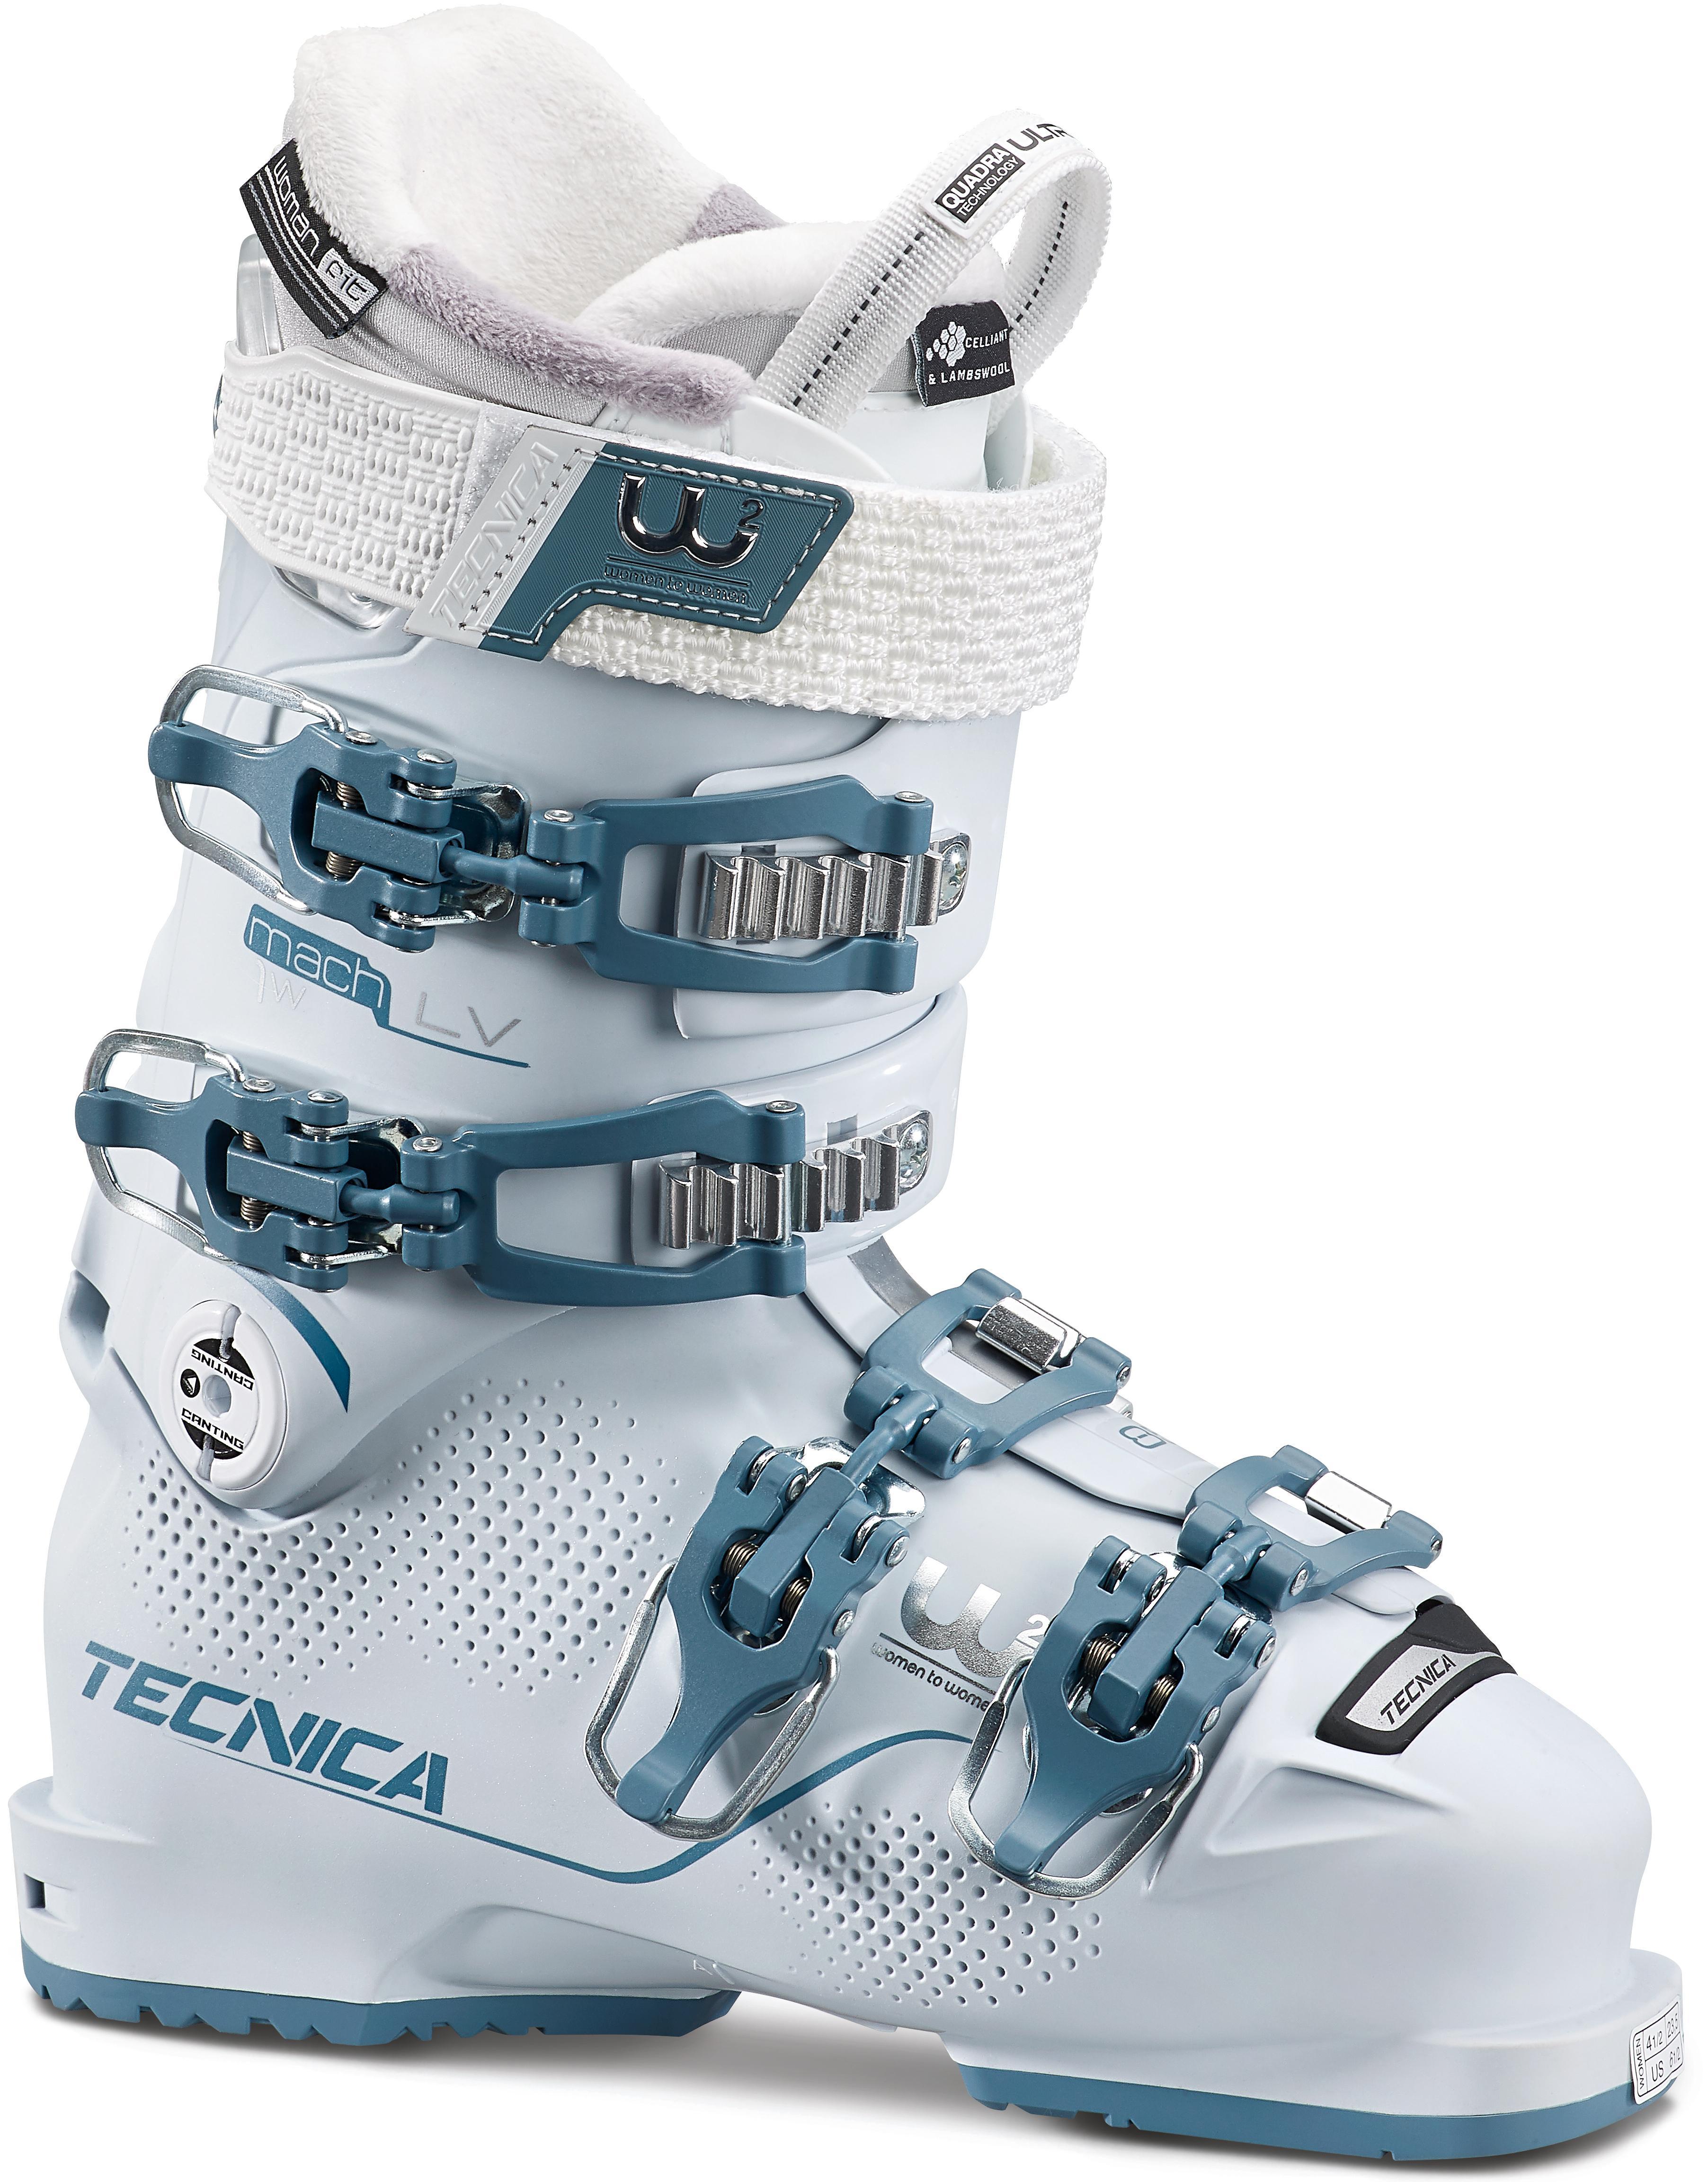 TECNICA Mach1 85X W MV Skischuhe Damen ice im Online Online Online Shop von SportScheck kaufen Gute Qualität beliebte Schuhe ac9bbe